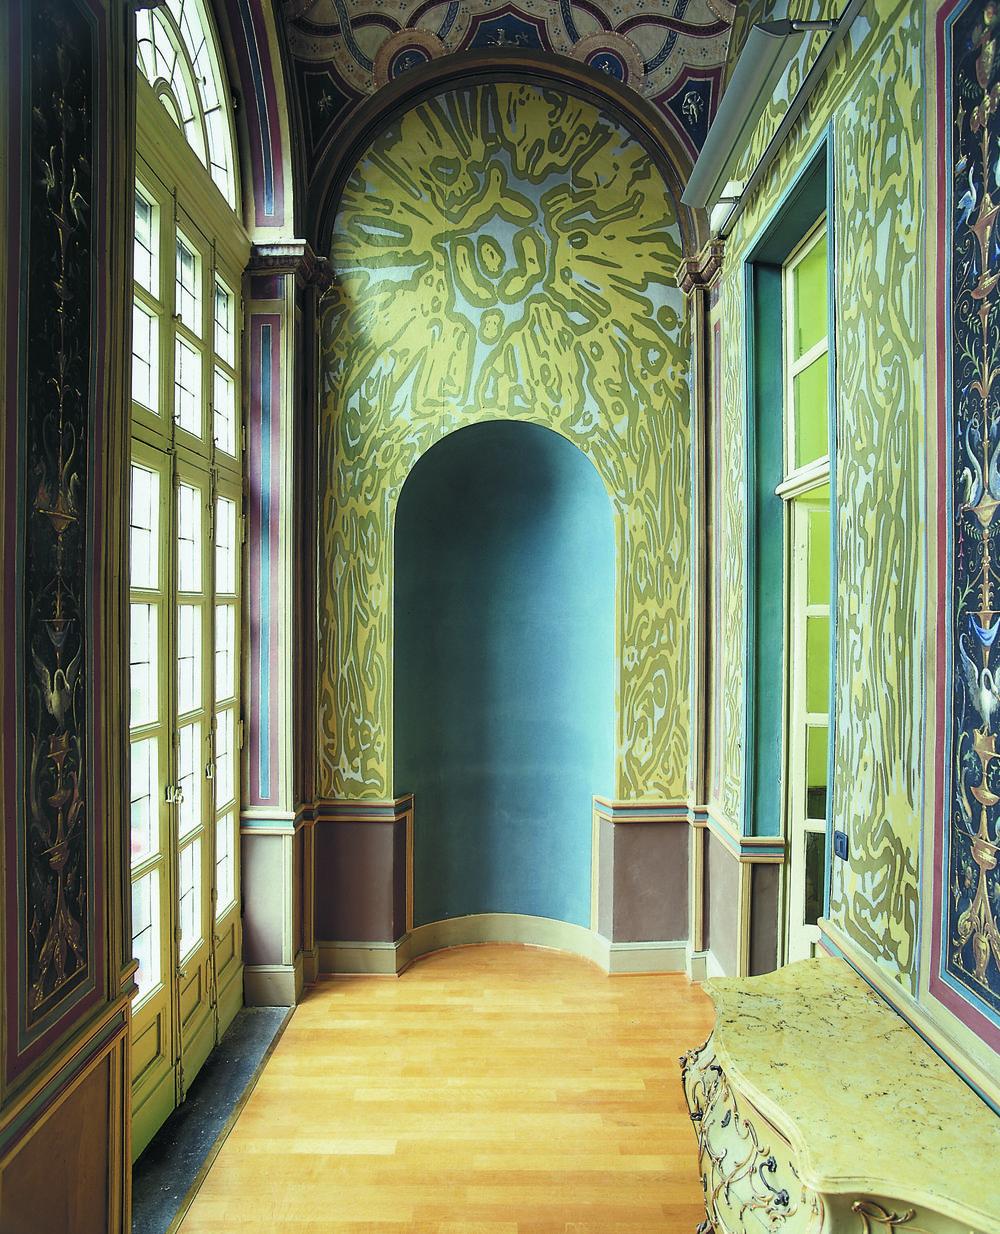 BSI veranda-endwall 15M.jpg